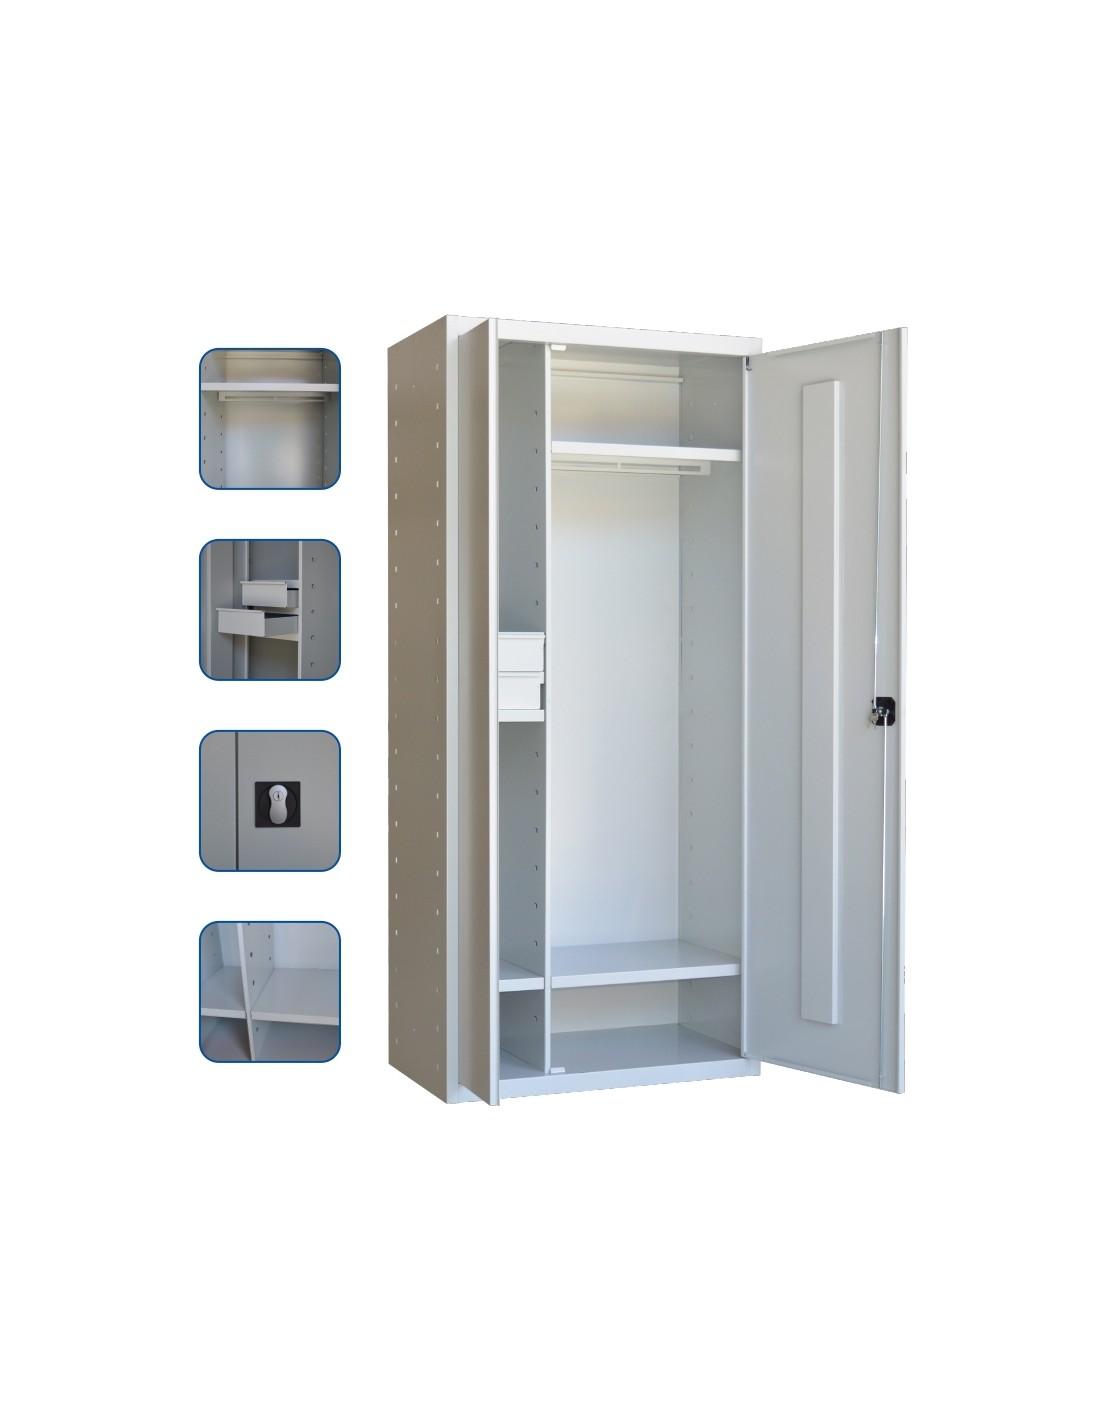 armario ropero metalico marma taquillas met licas